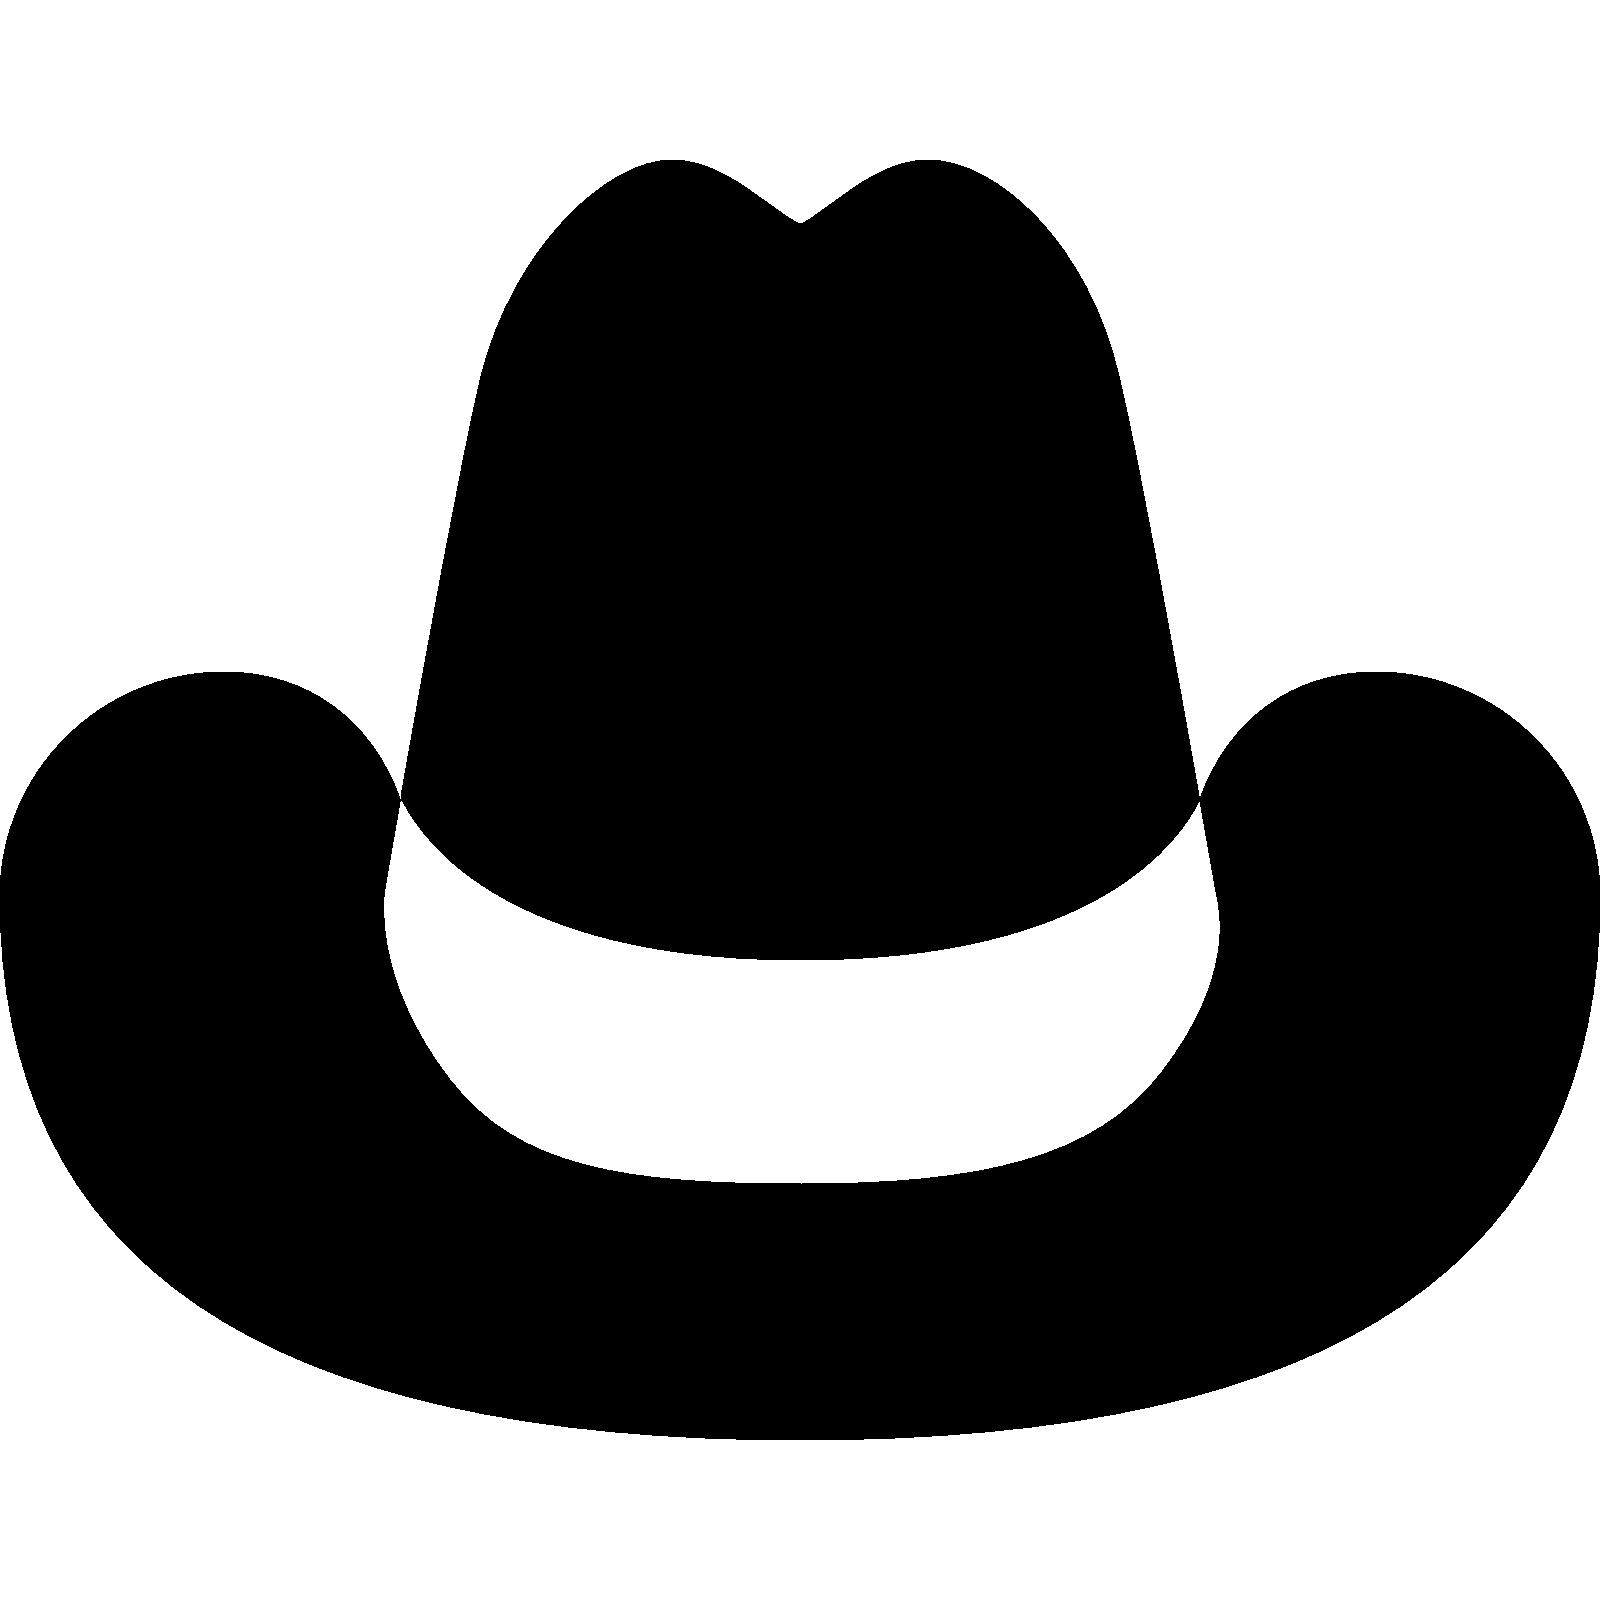 1600x1600 Cowboy Hat Clipart